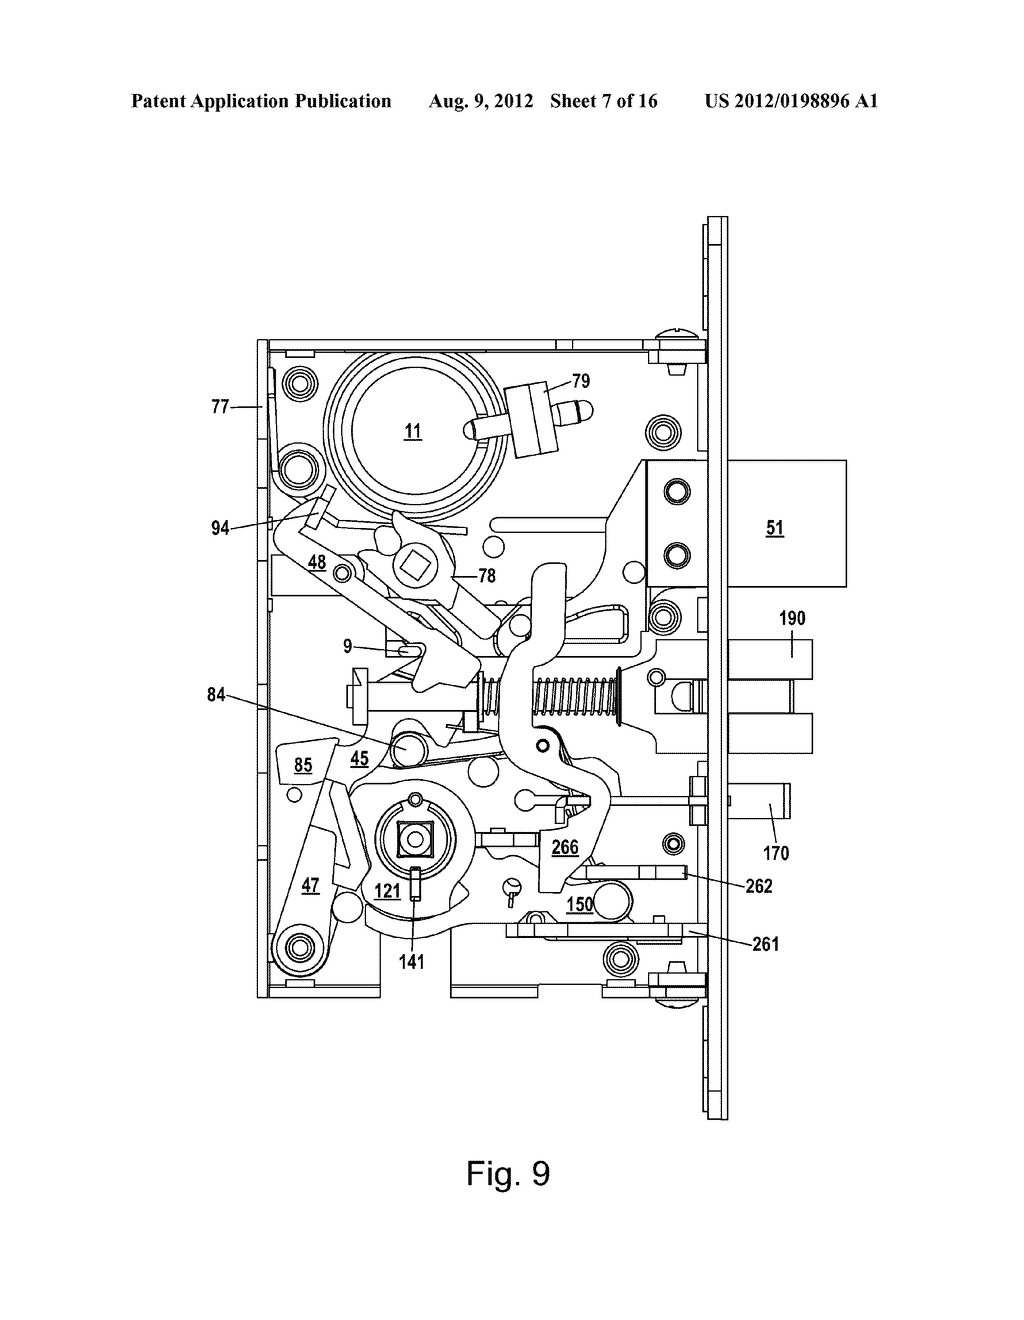 schlage wiring diagram